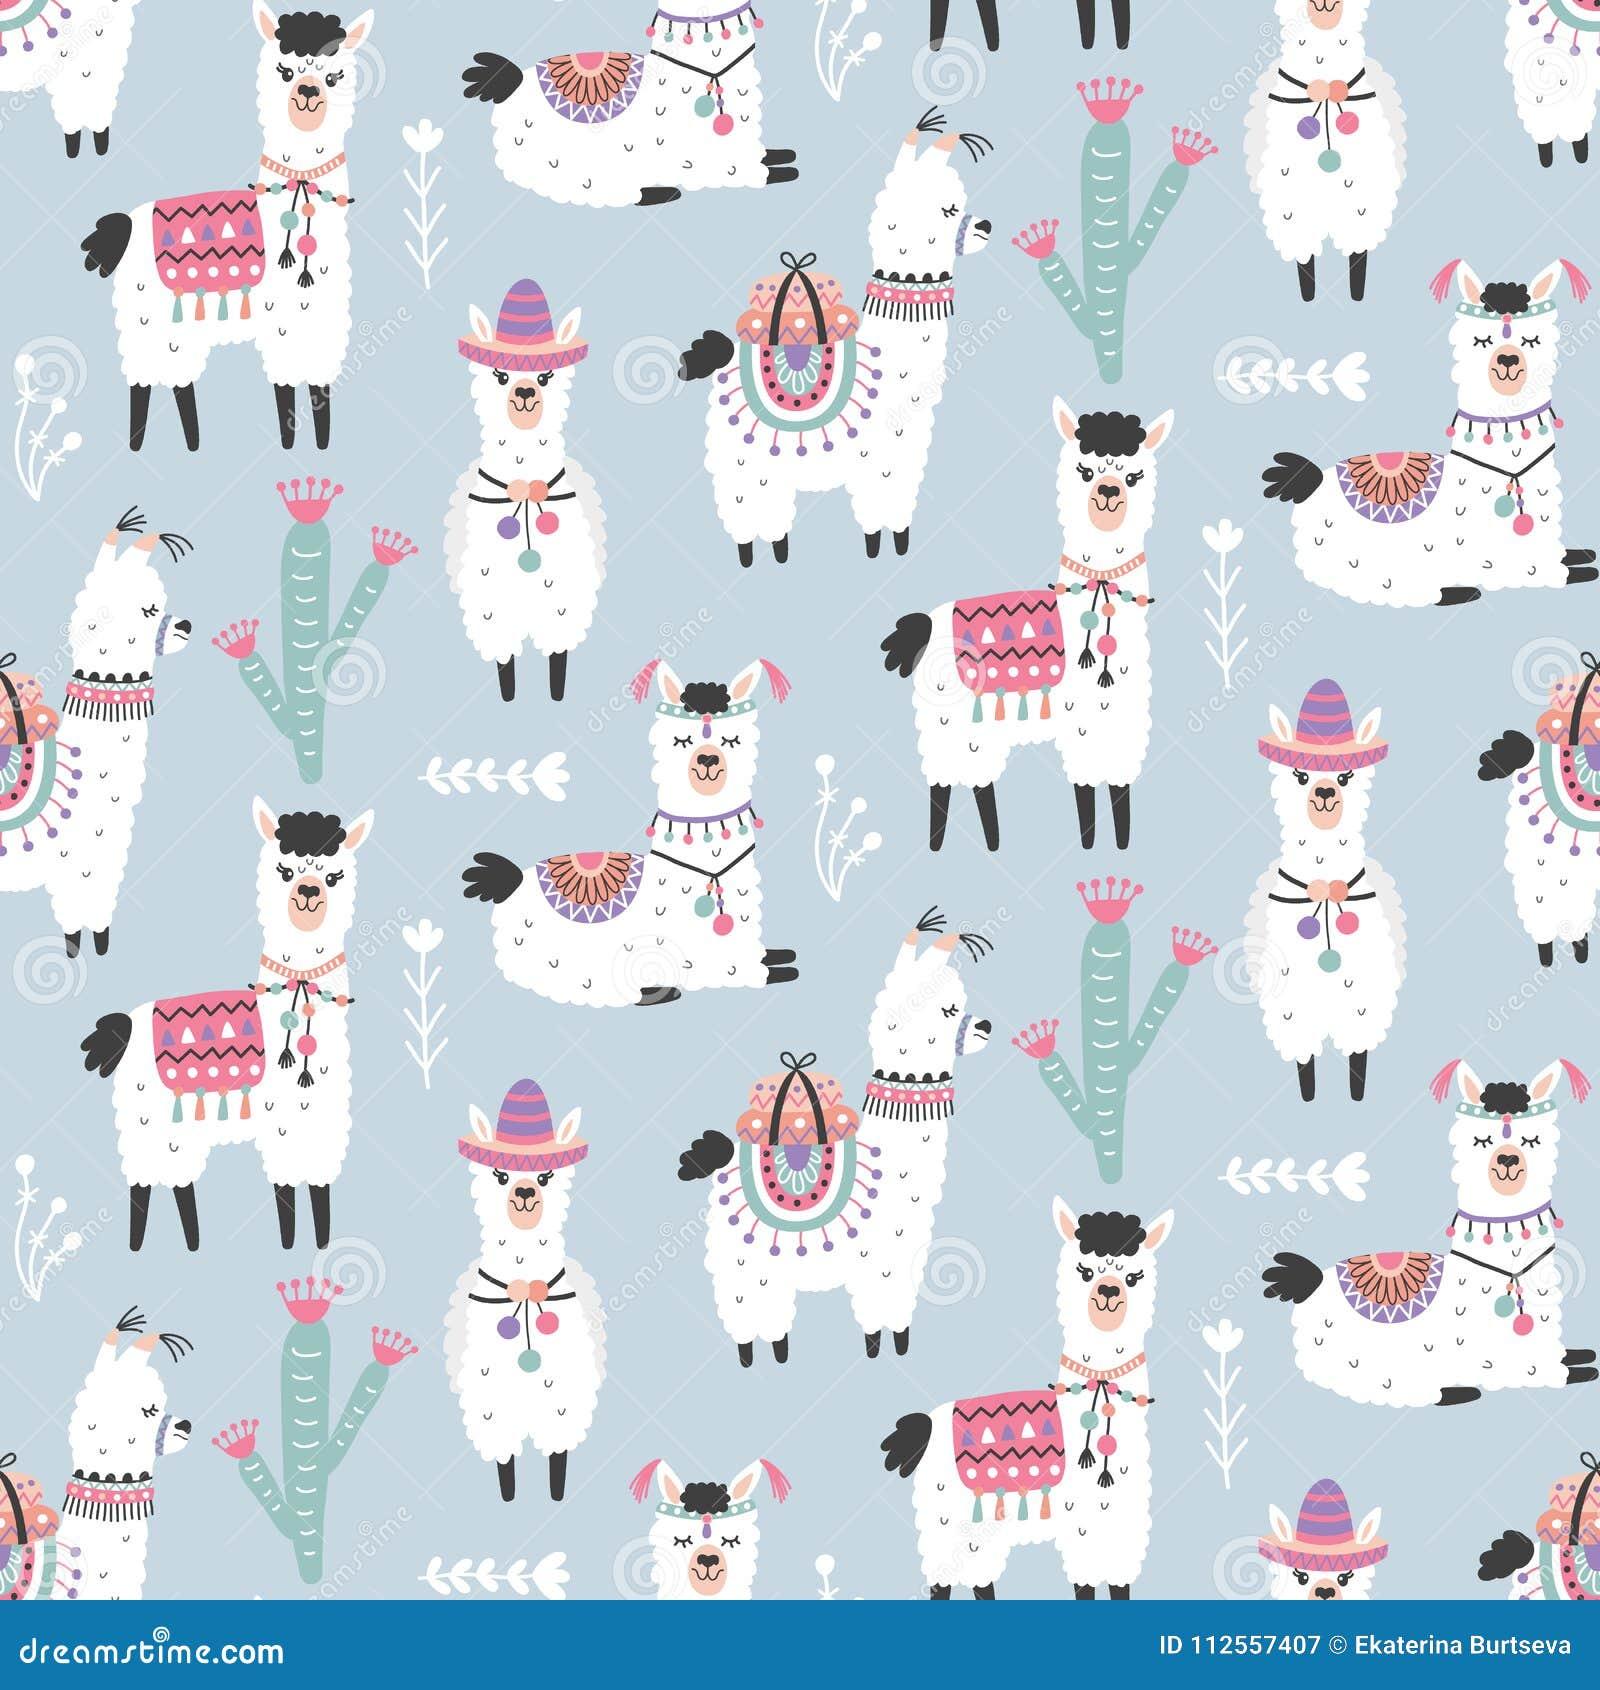 Llama Wallpaper: Cartoon Llama Alpaca Seamless Pattern Stock Vector